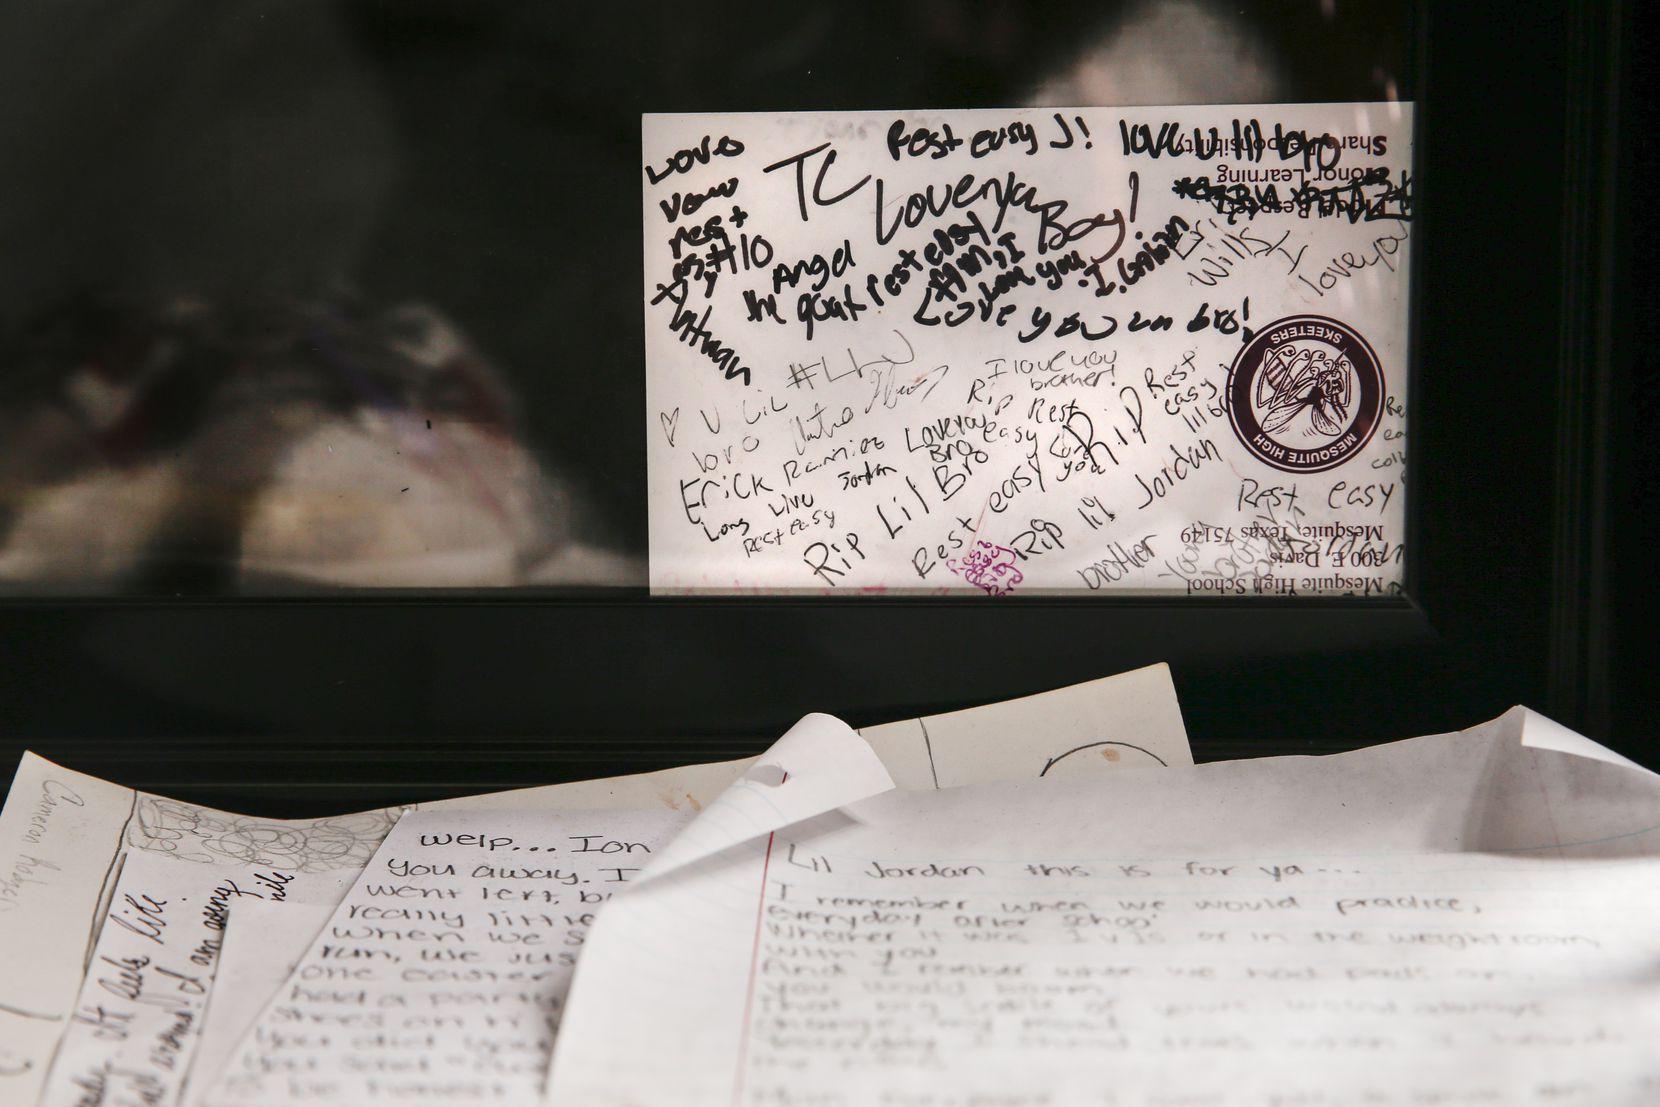 The locker of former Mesquite football player Jordan Edwards is seen on Thursday, Oct. 31, 2019 in Mesquite, Texas.